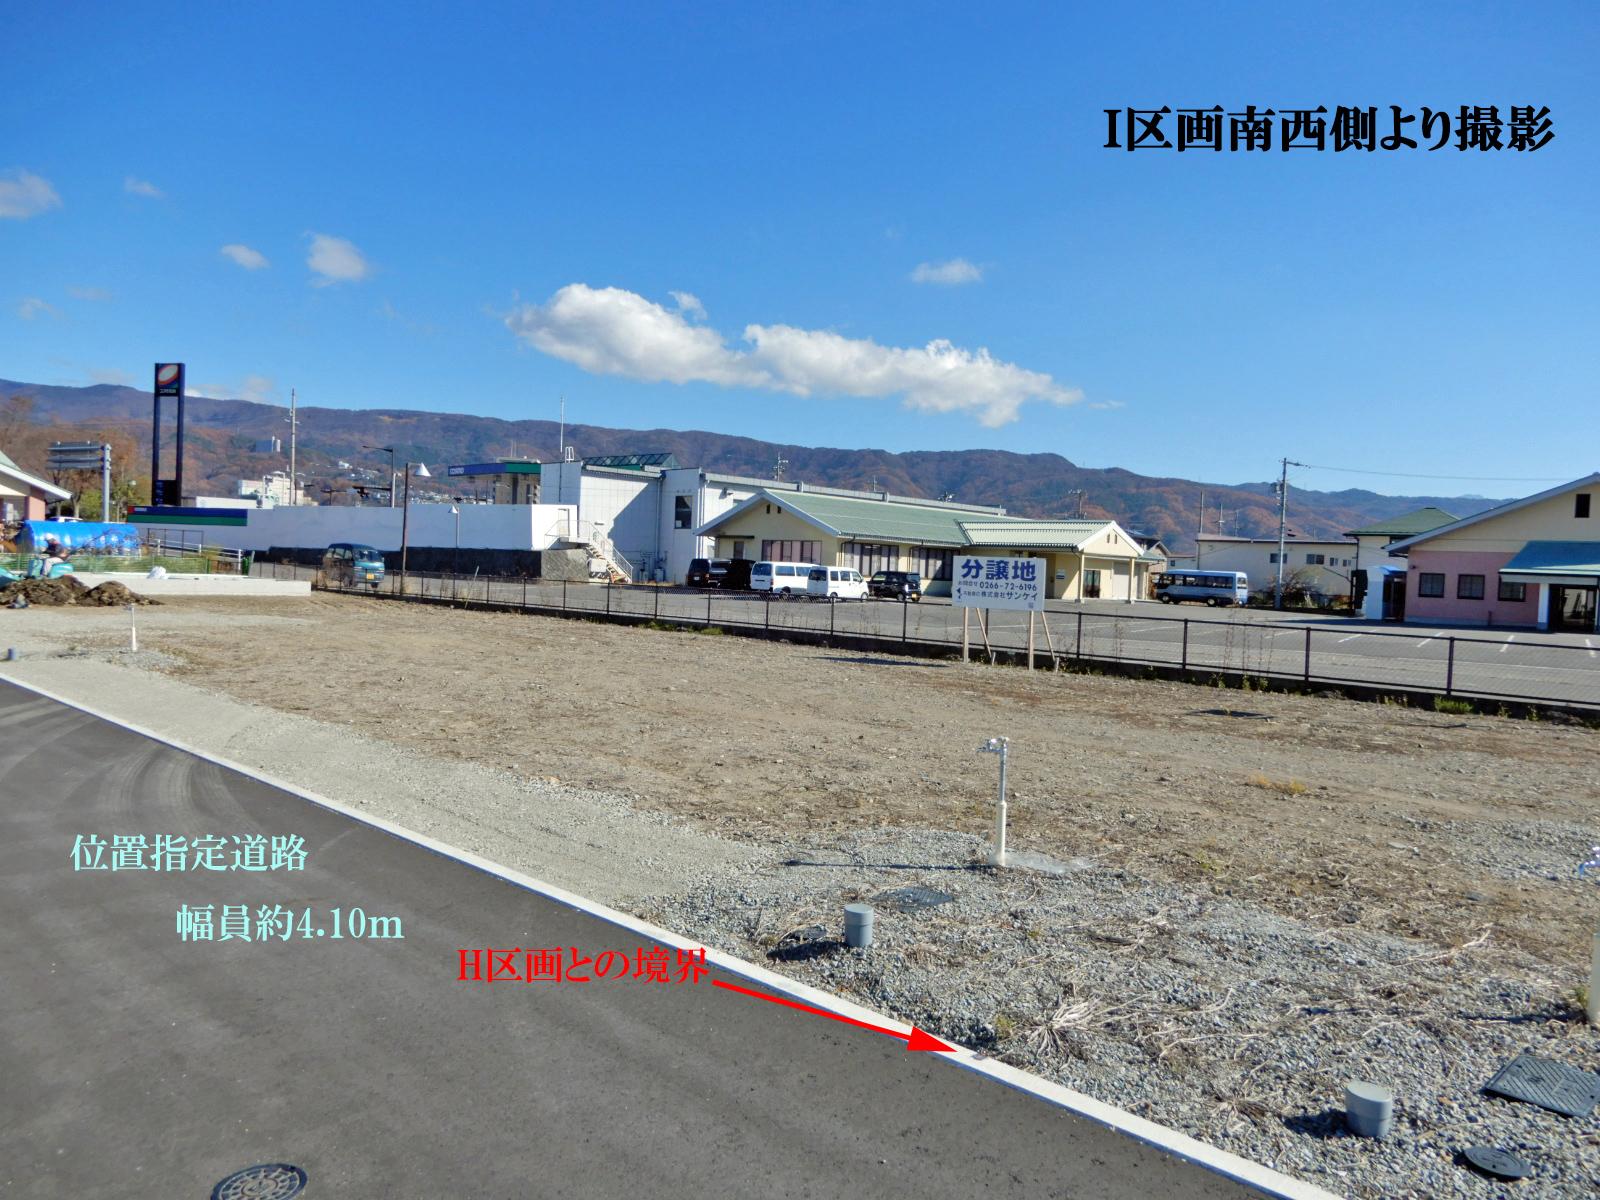 諏訪市渋崎 I区画_アイキャッチ画像